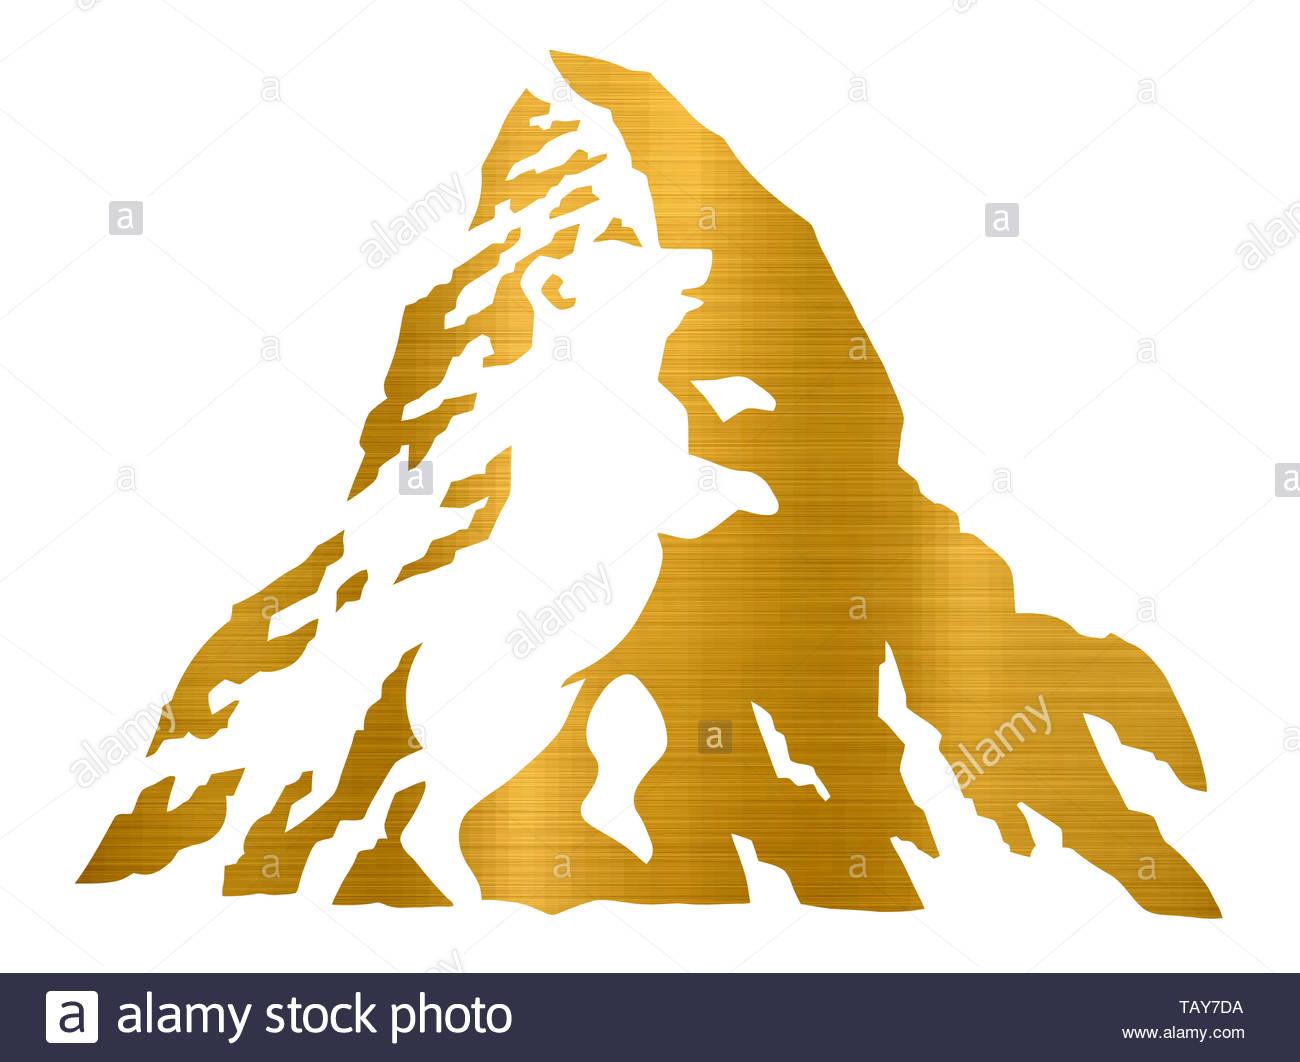 alpine mountain valley rocky snow winter ice illustration golden metallic - Stock Image